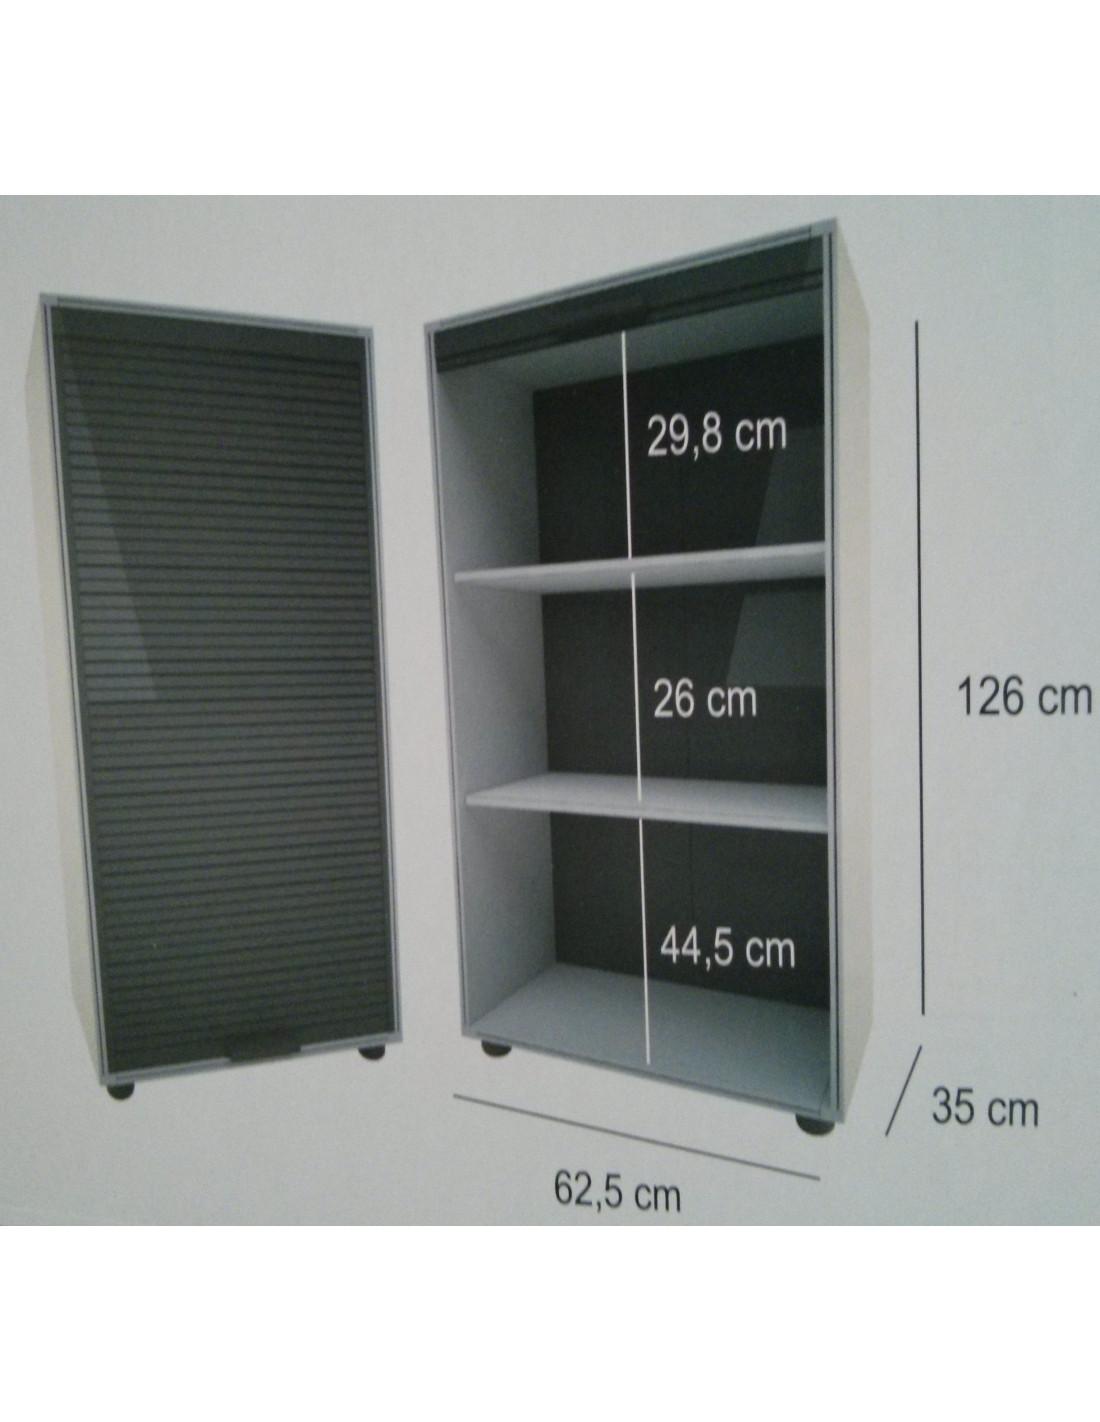 Modulo armario con puertas de persiana garaje 126x62 5cm tienda de camping online - Muebles para garaje ...